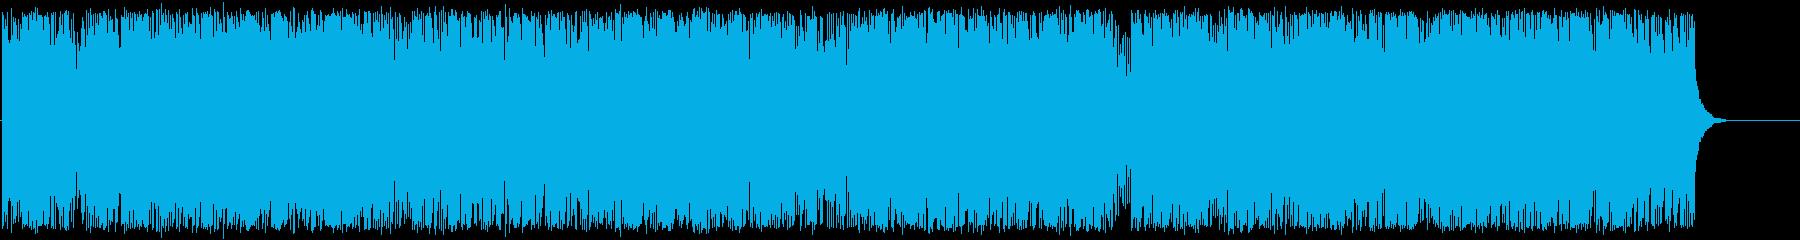 「G線上のアリア」をポップなアレンジで♪の再生済みの波形